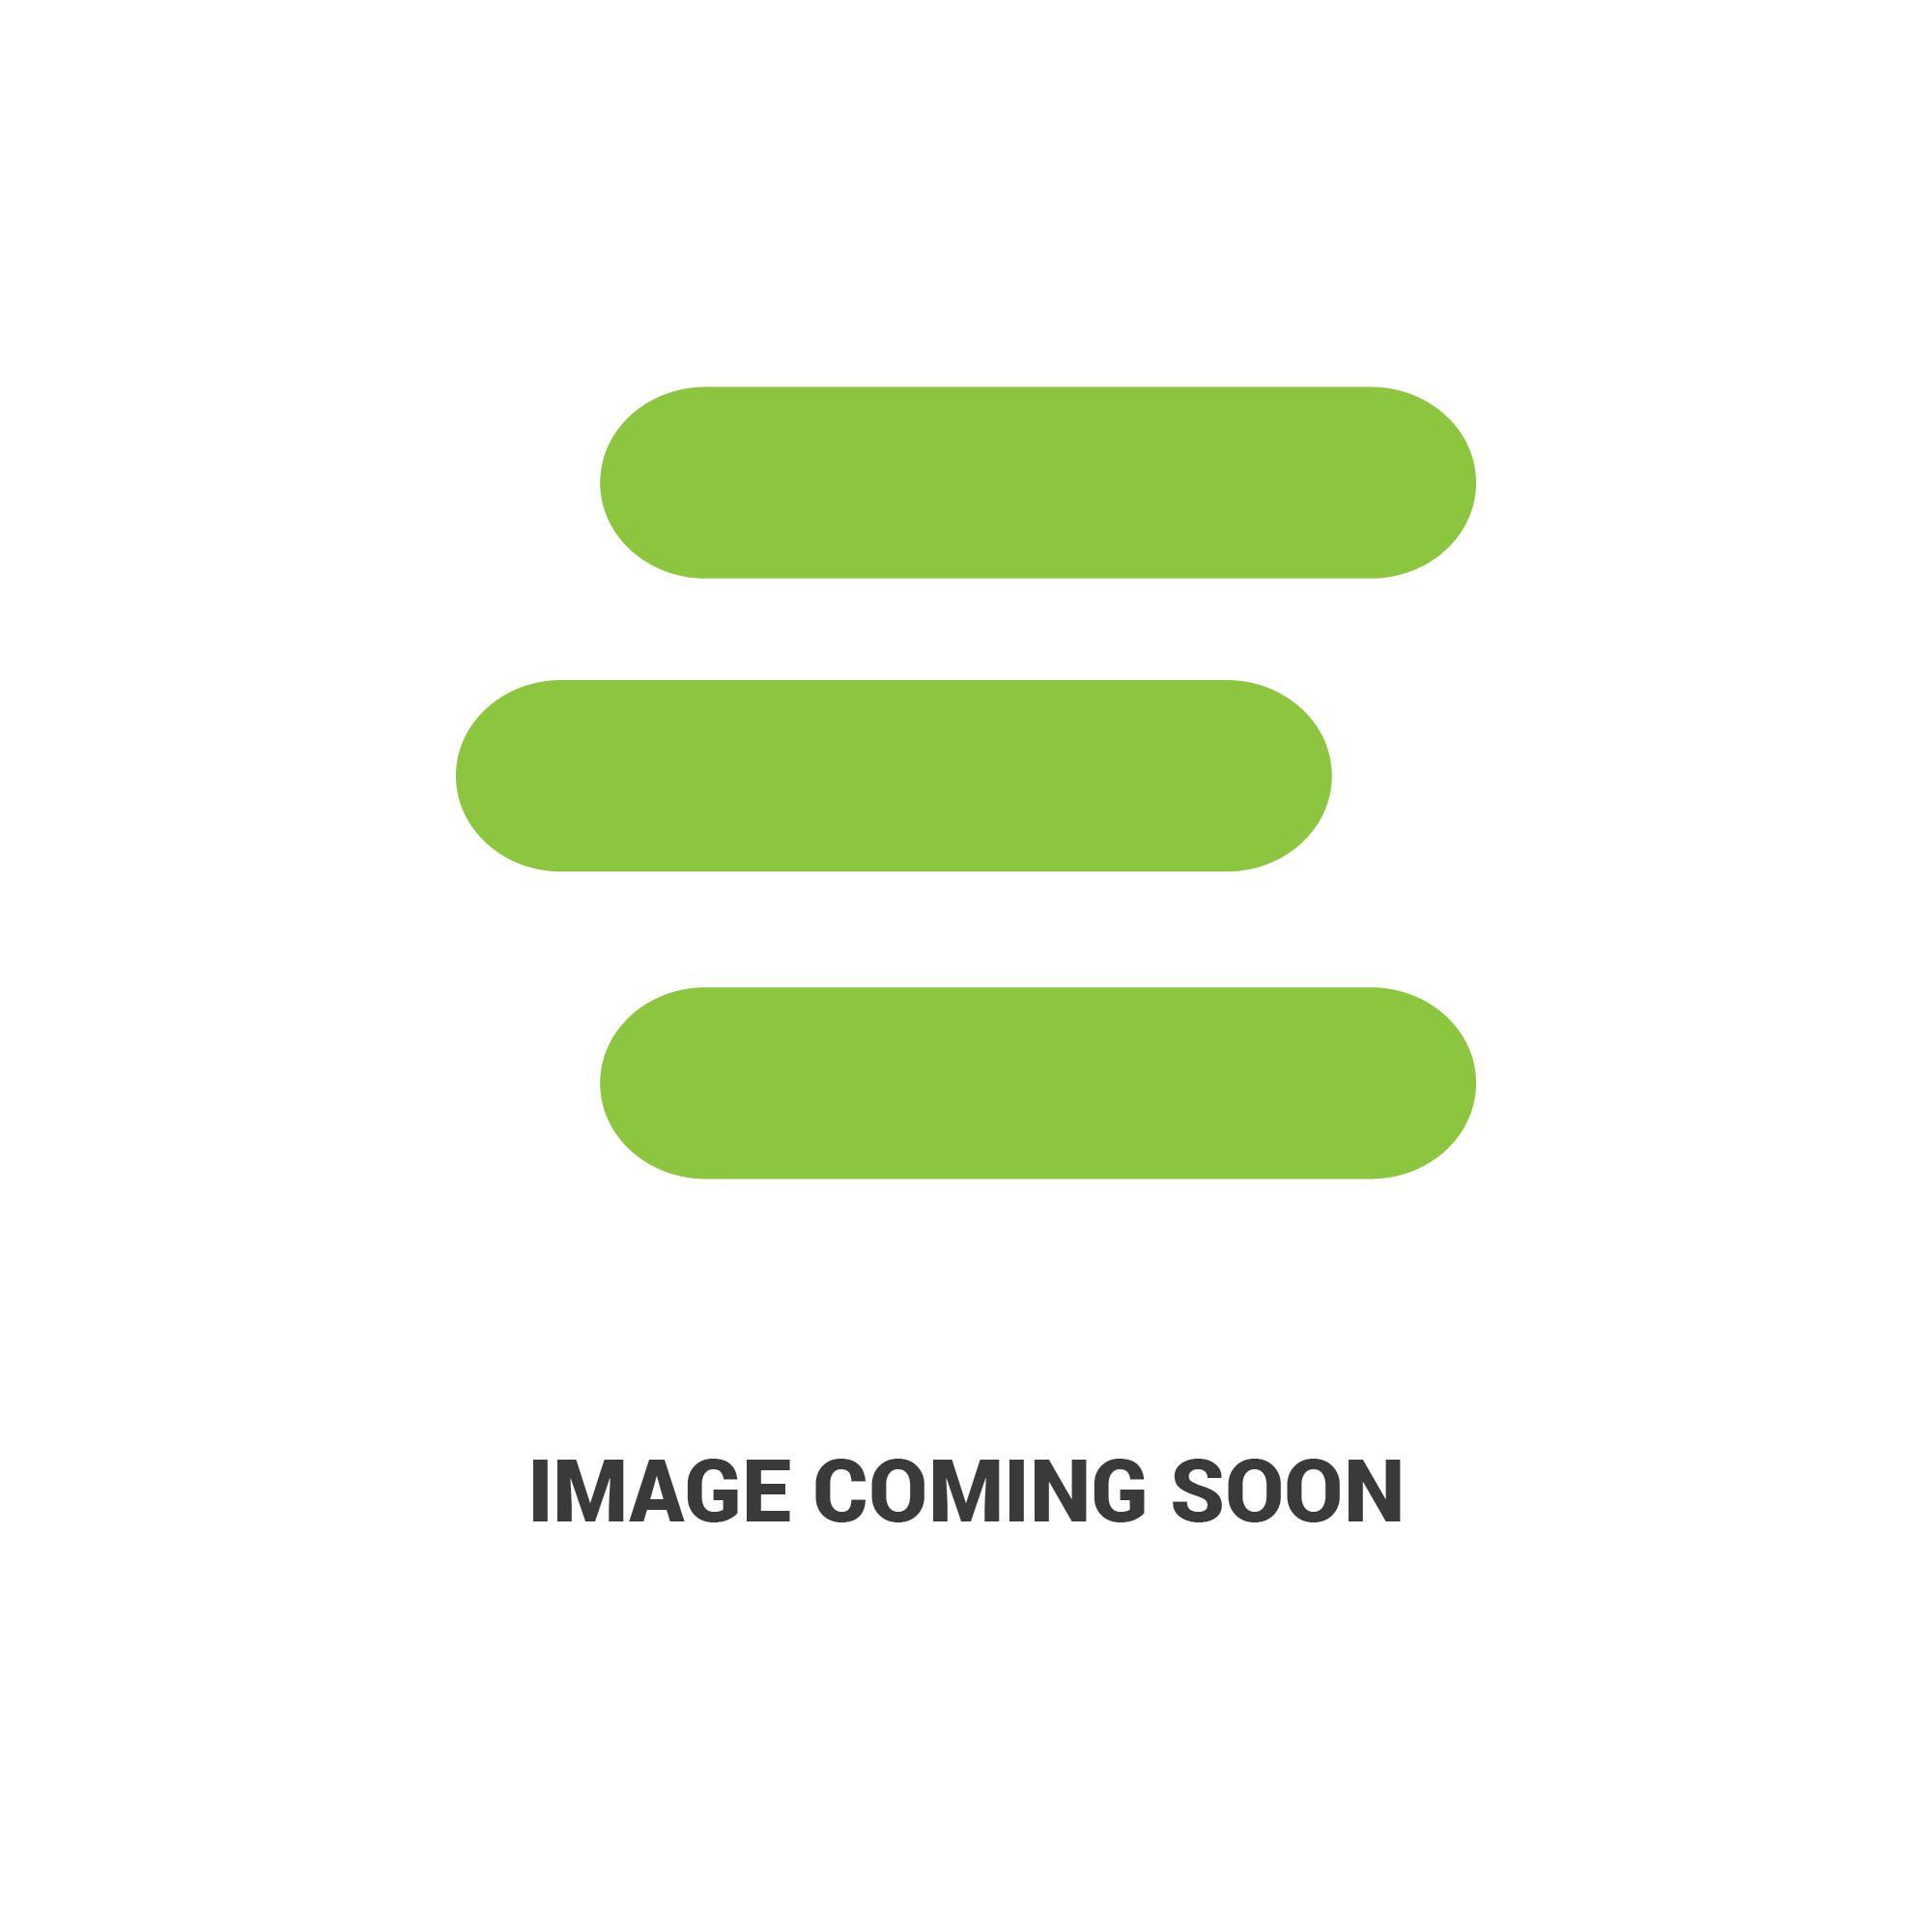 E-T0070-415601837_1.jpg